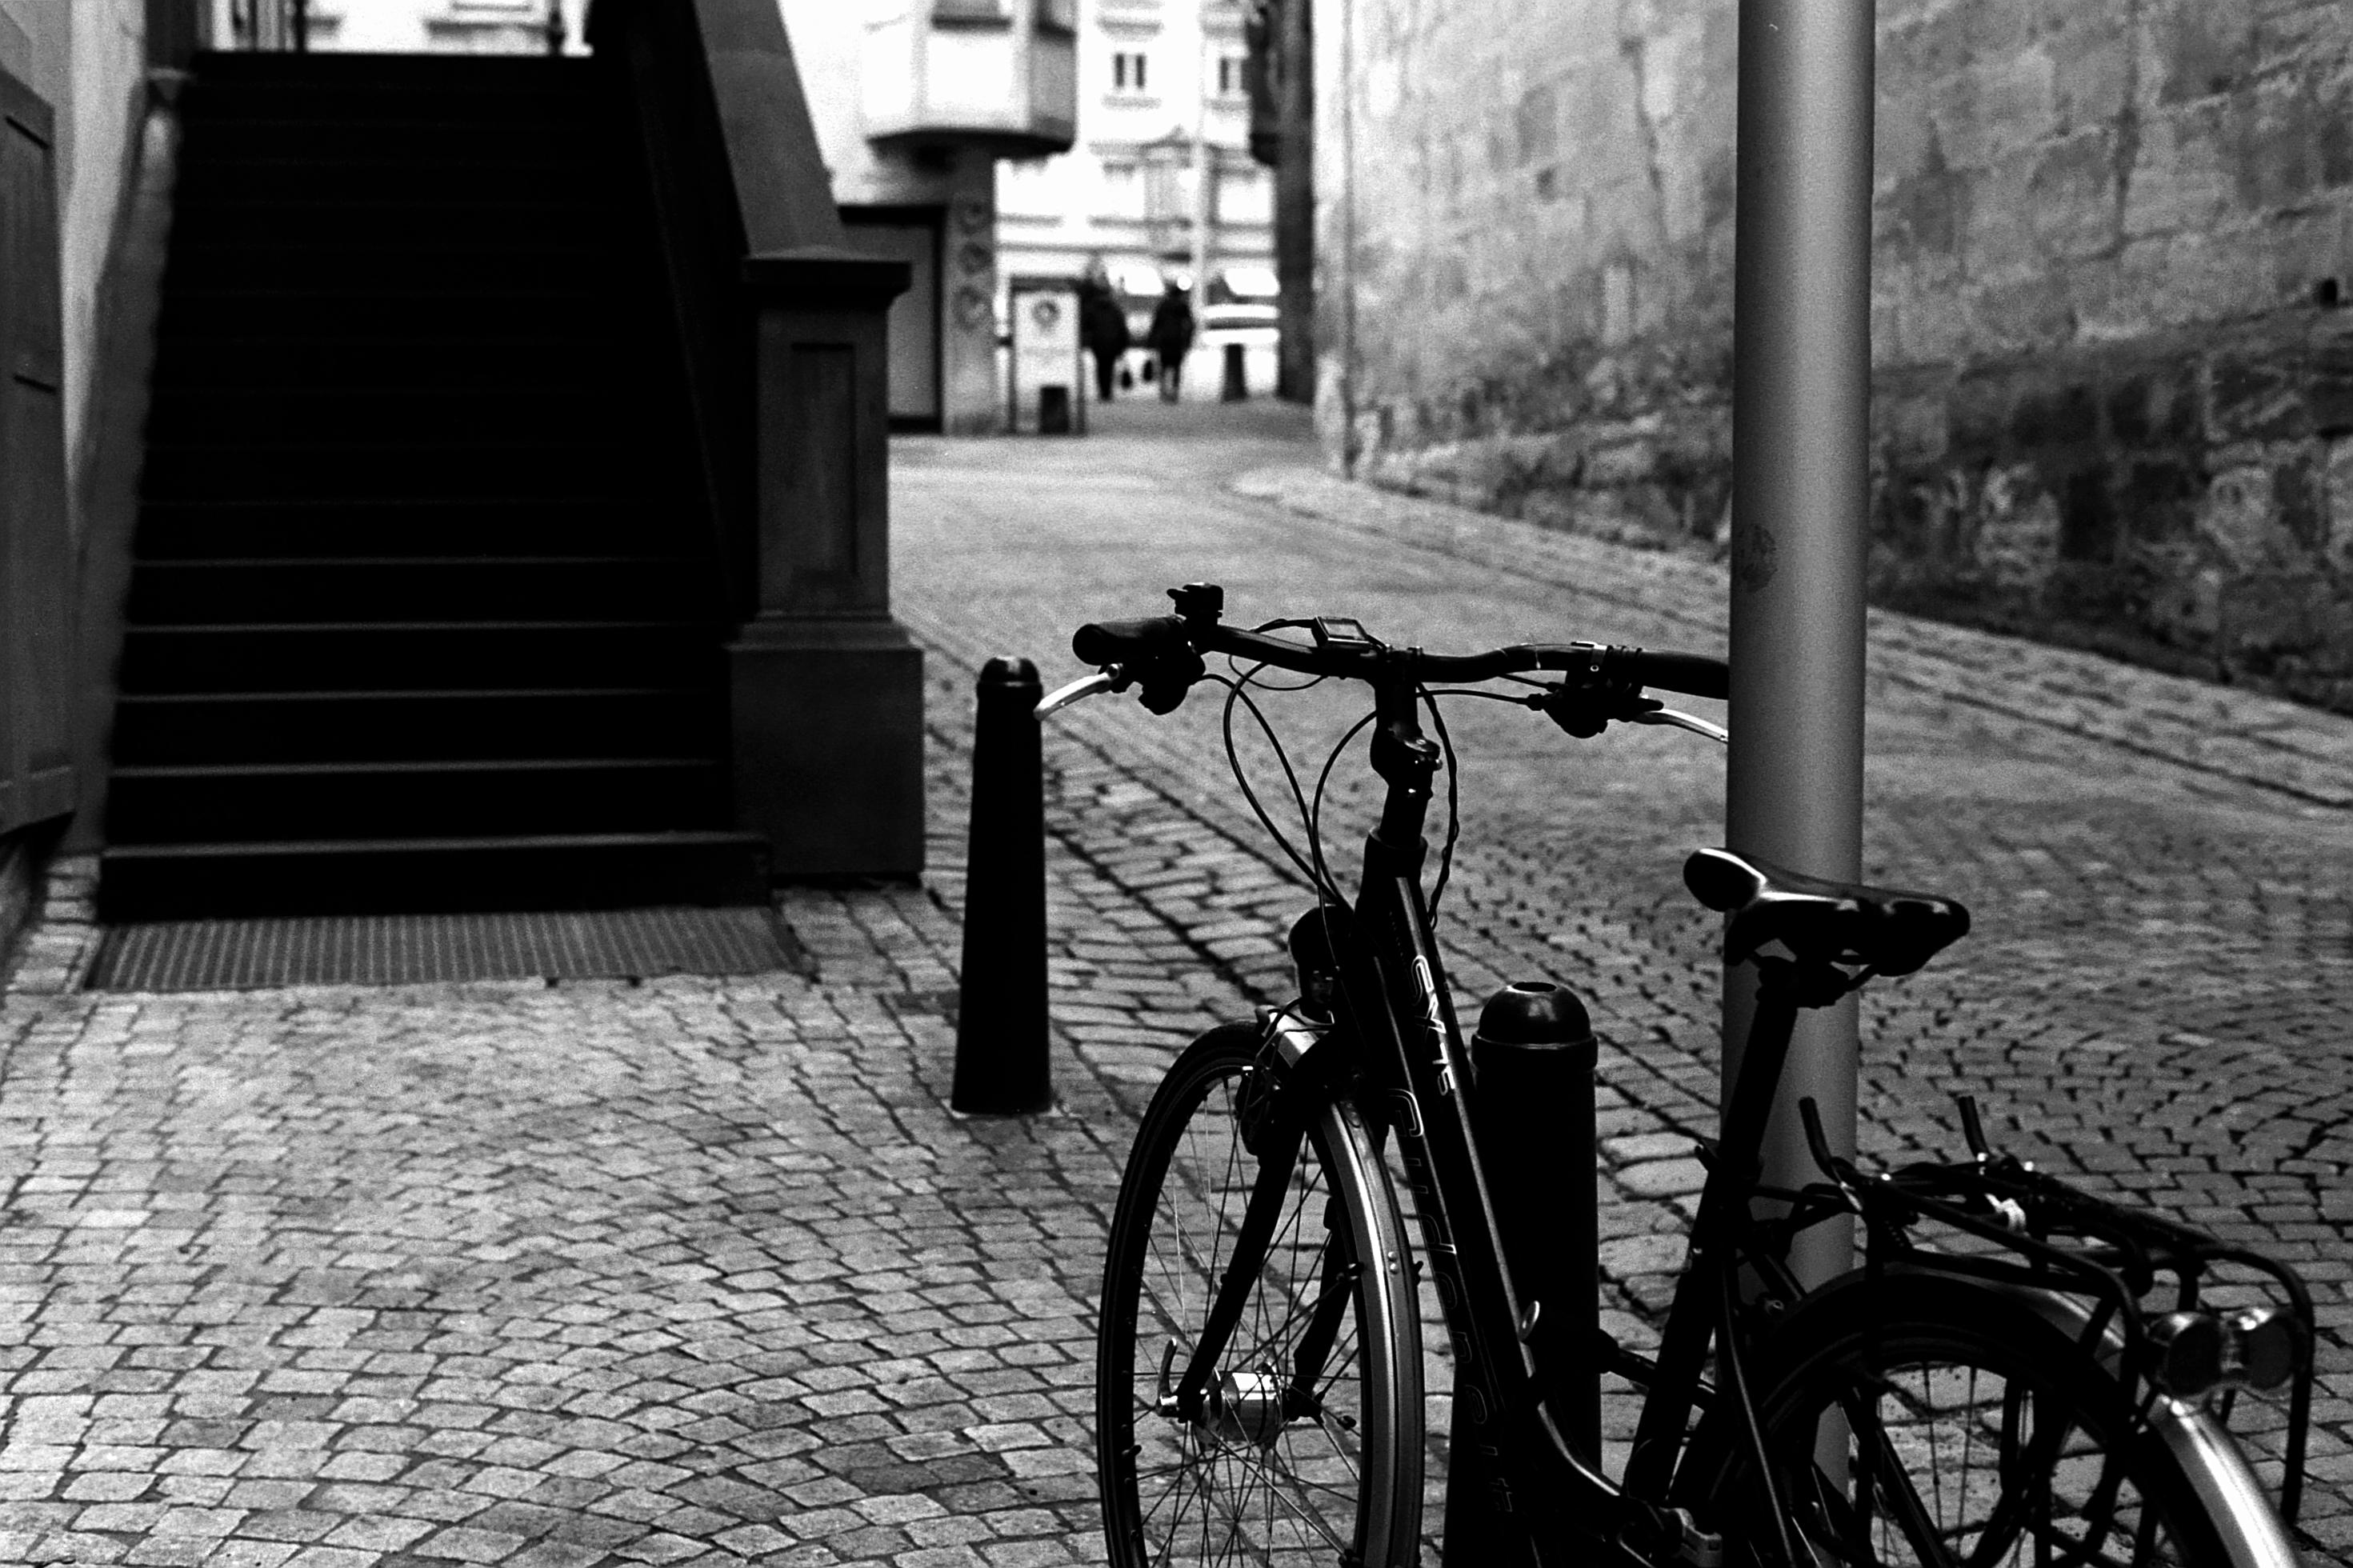 Entfernungsmesser Fahrrad : Hintergrundbilder stefankamert fahrrad straße verwischen